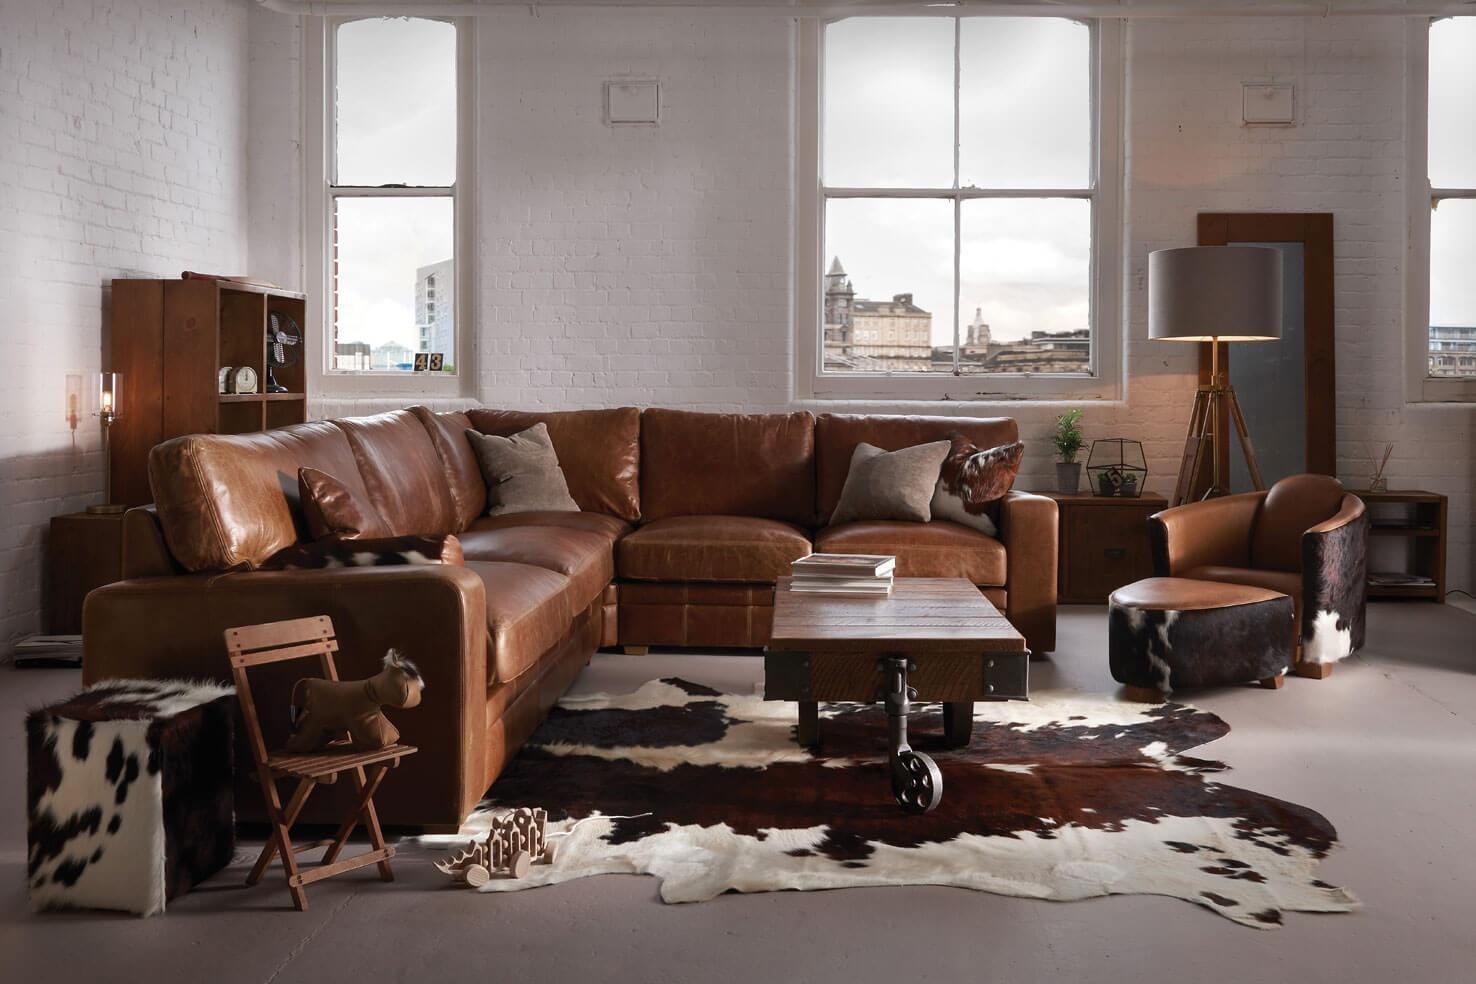 The Square Arm Leather Corner Sofaindigo Furniture Regarding Corner Sofa Leather (Image 17 of 20)